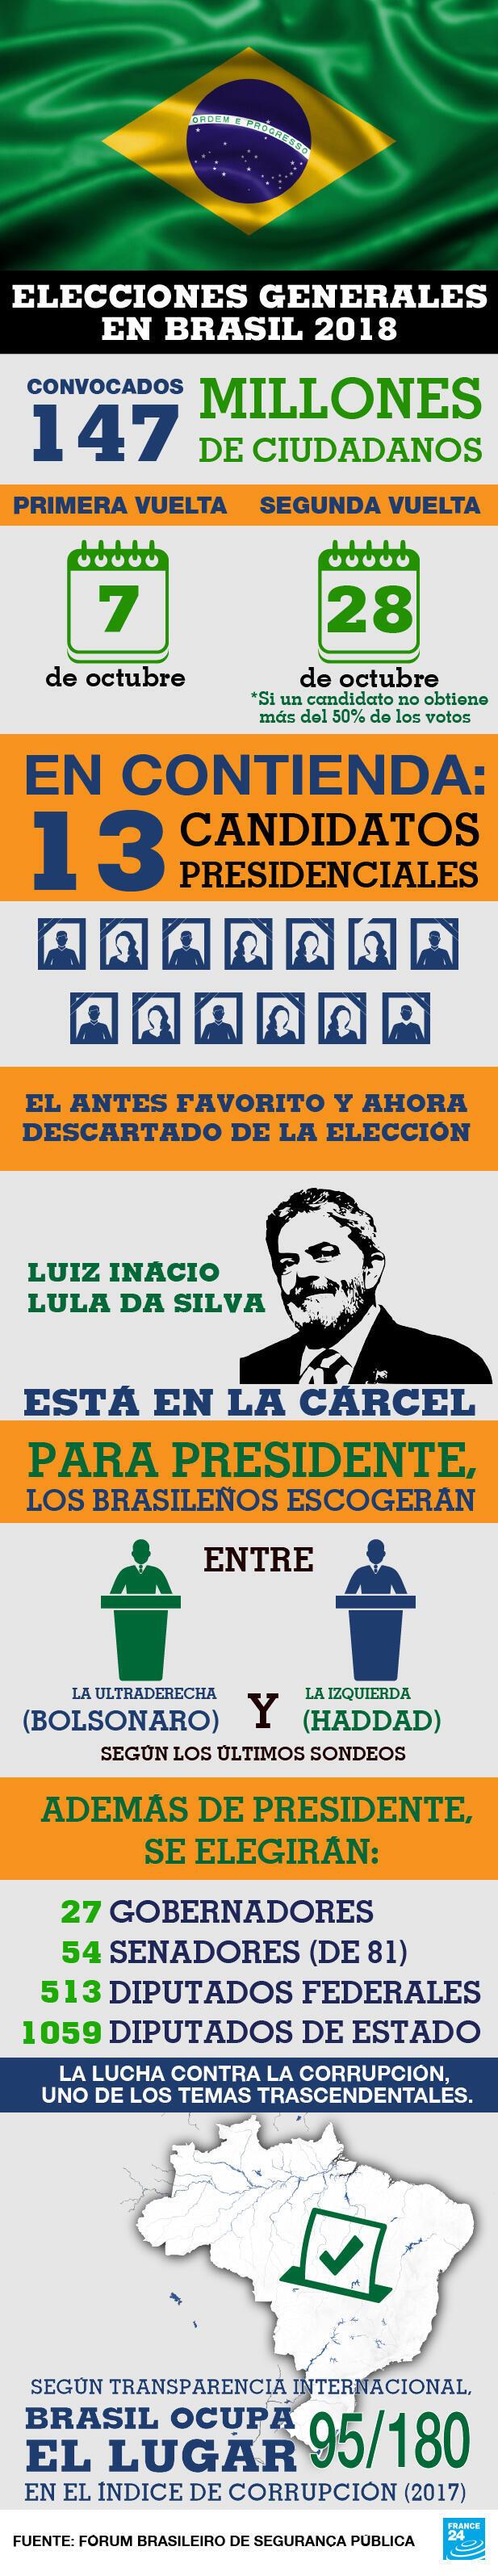 Las elecciones de Brasil 2018 en una sola imagen